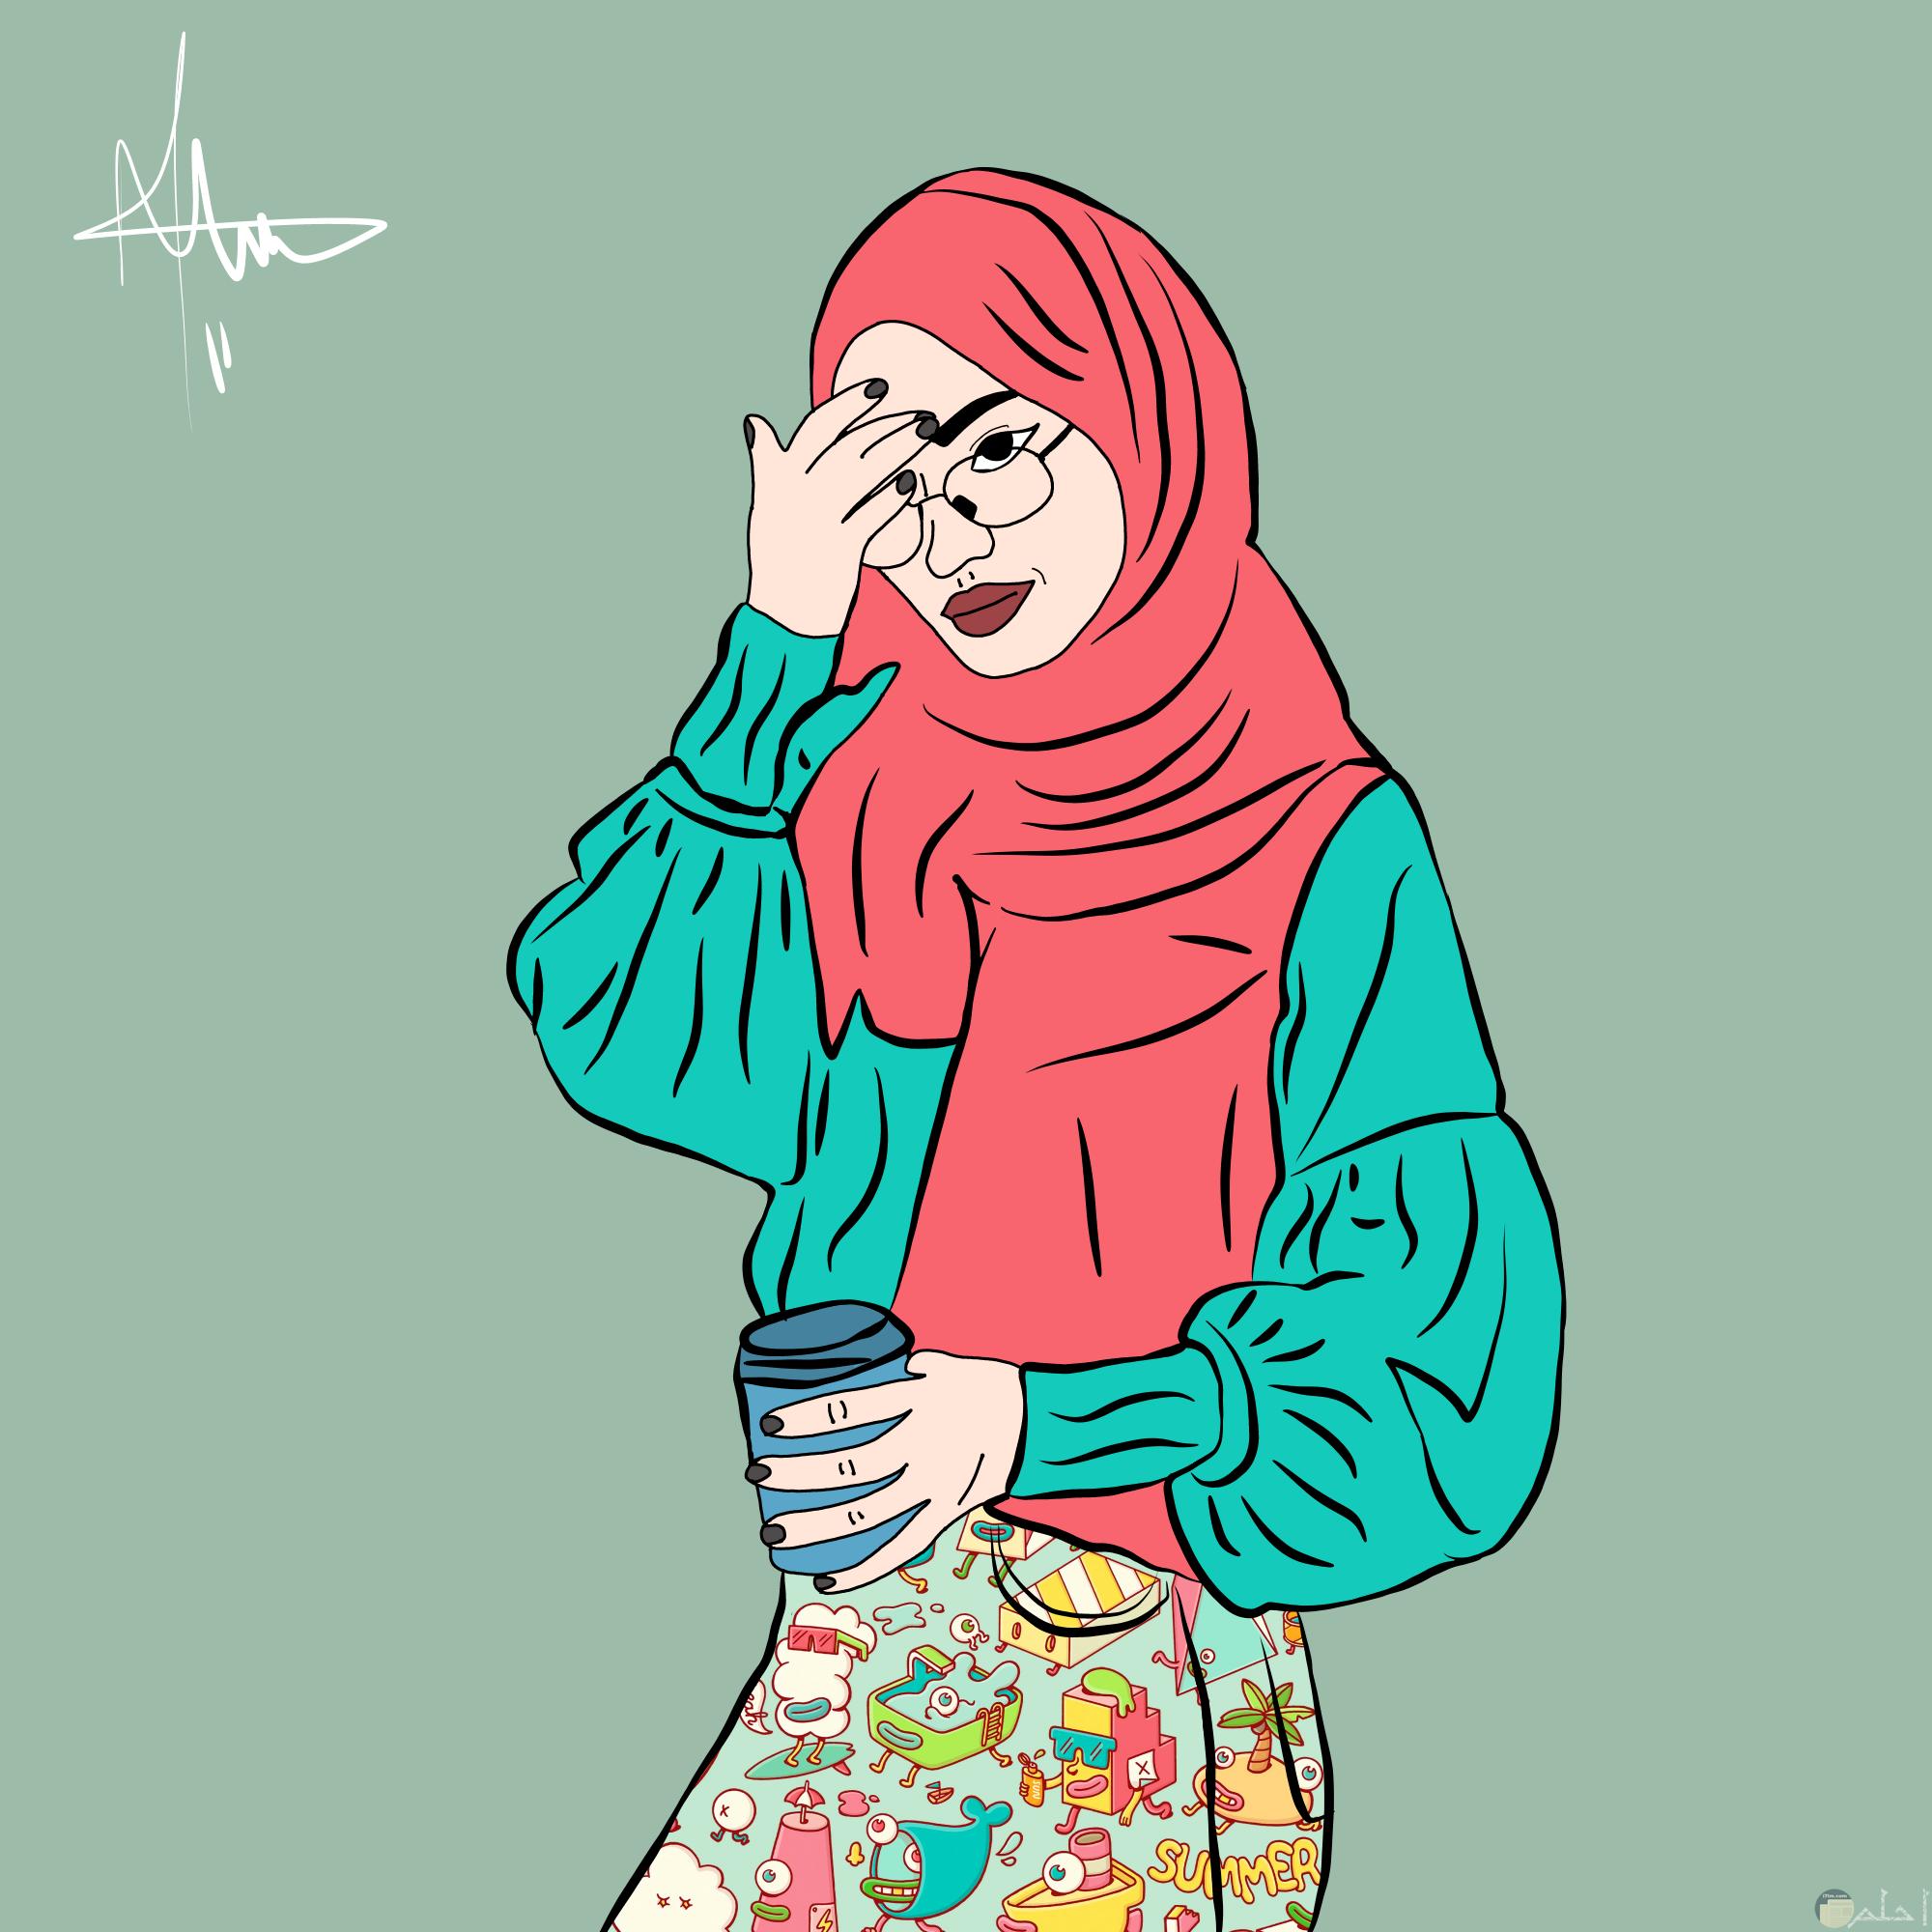 رسمة بنت محجبة تمسك كوب و تضع نظارة.